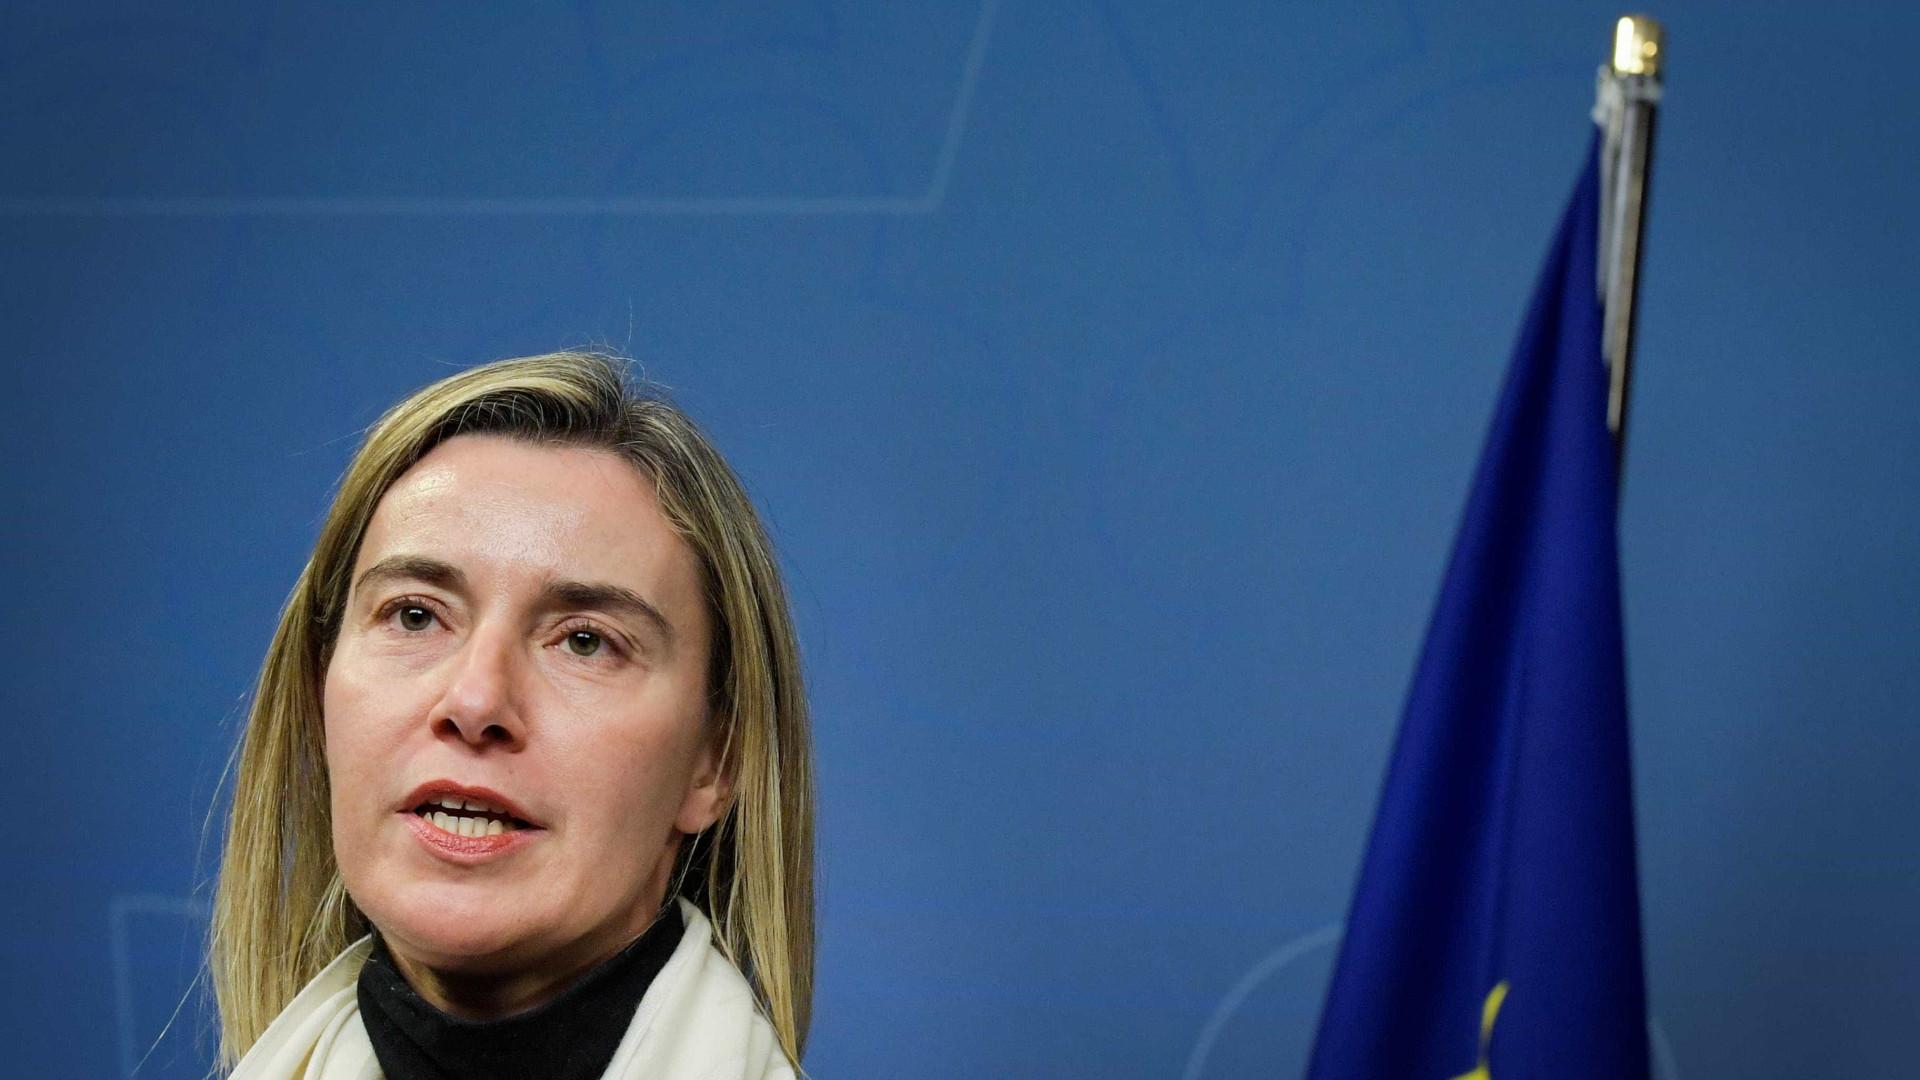 Mogherini diz que solidariedade deve ser a base da política da UE